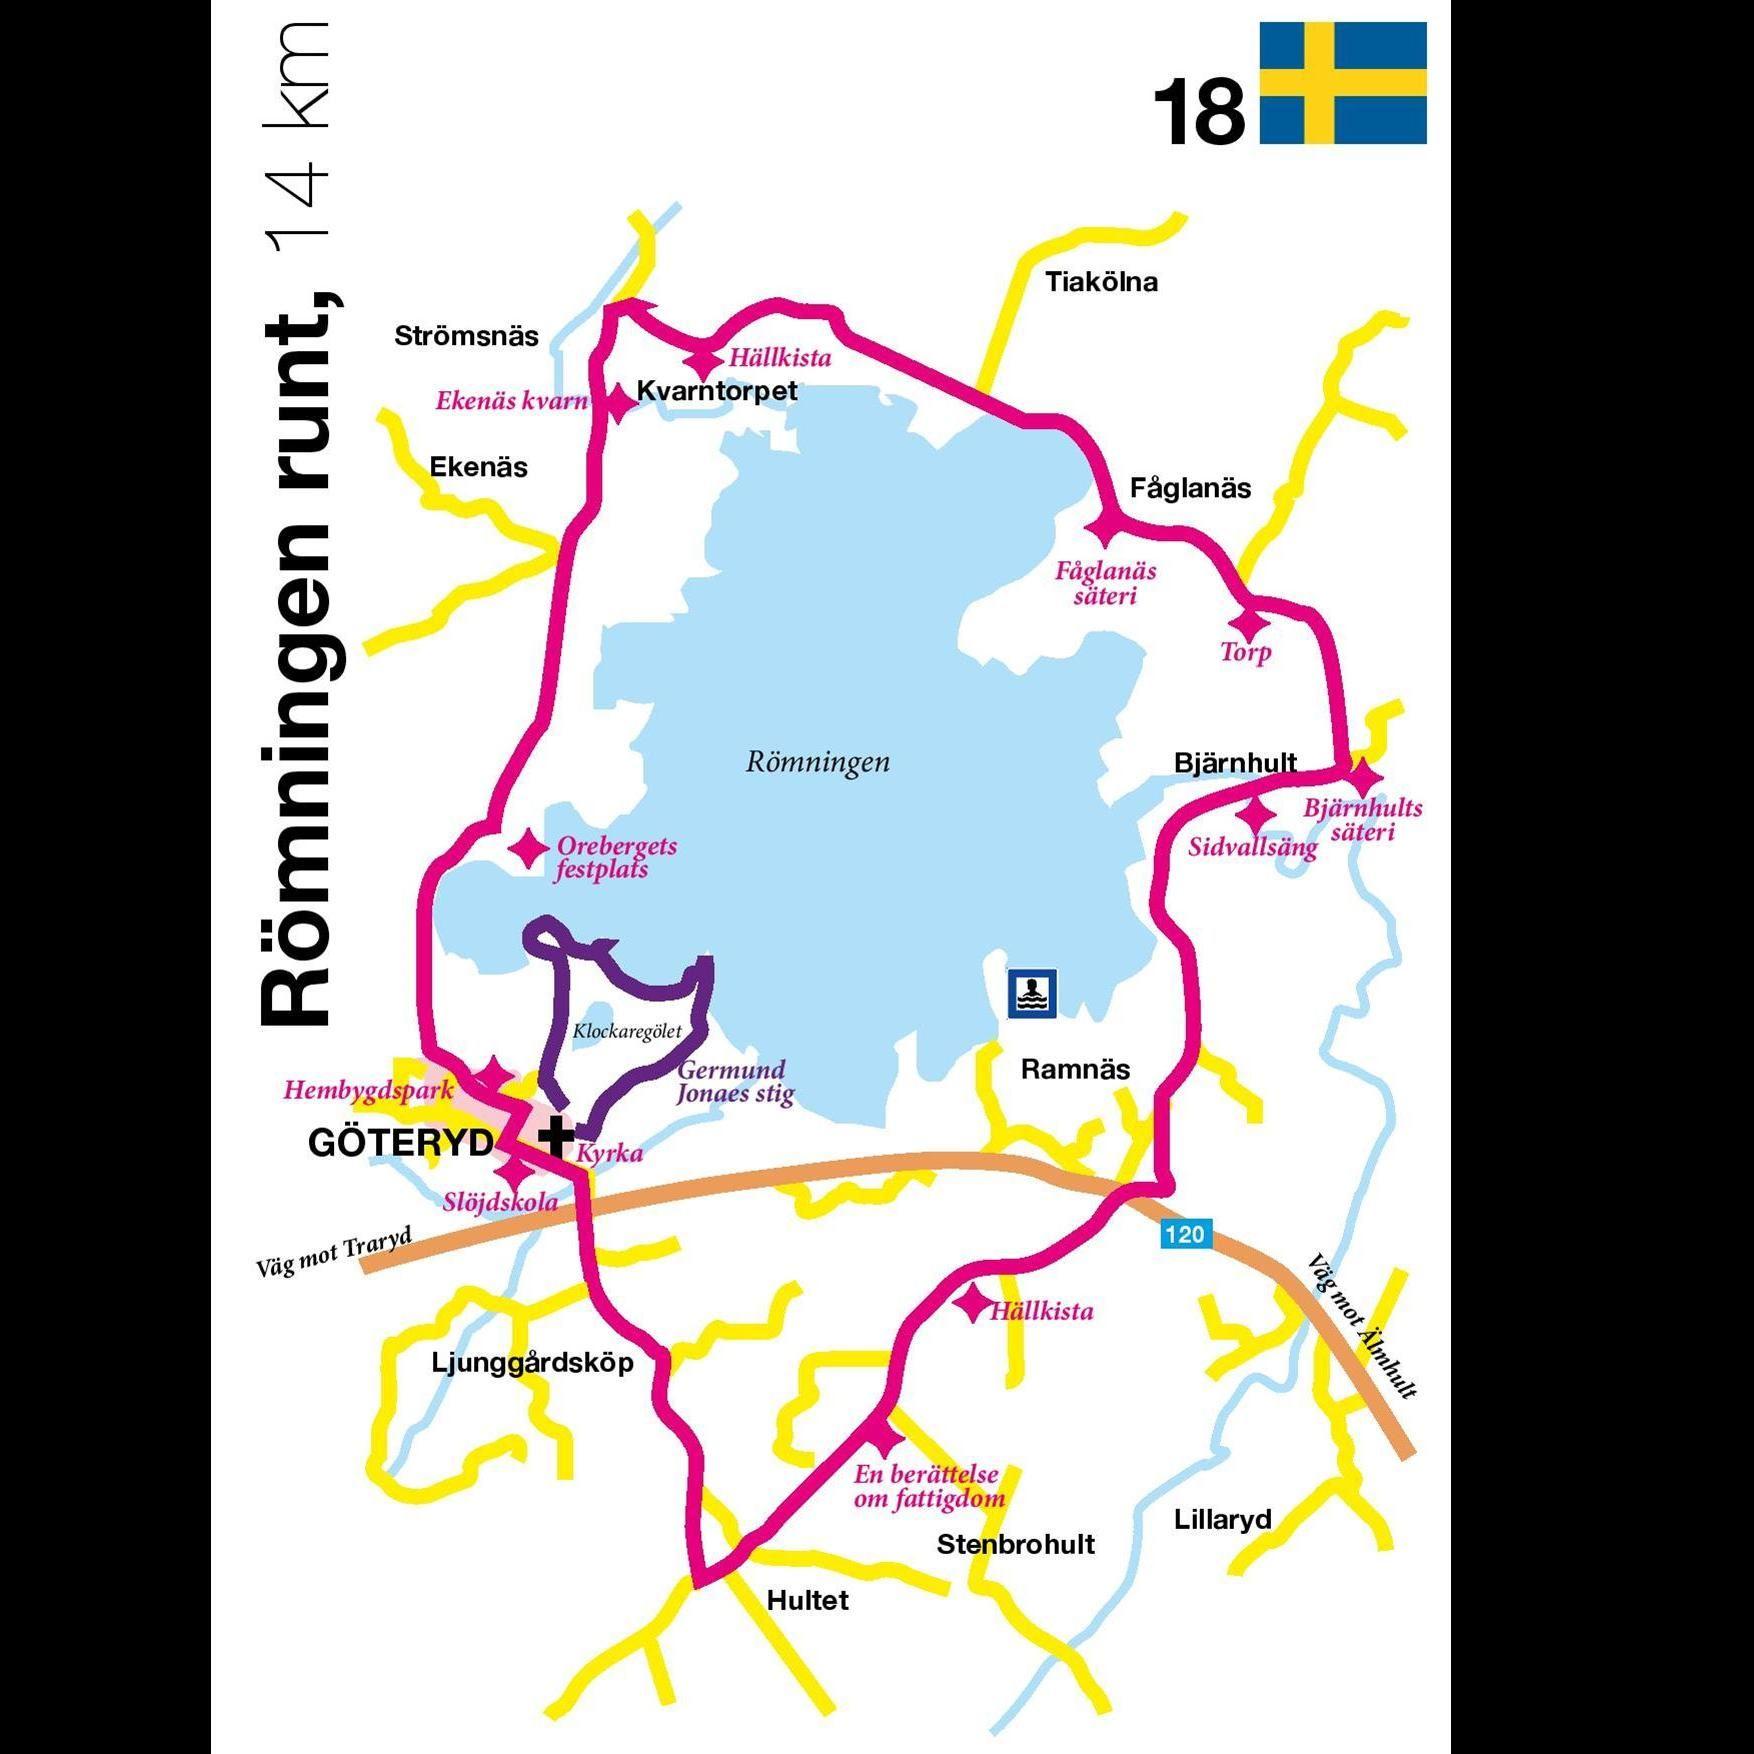 Cykeltur - Römningen runt - 14 km